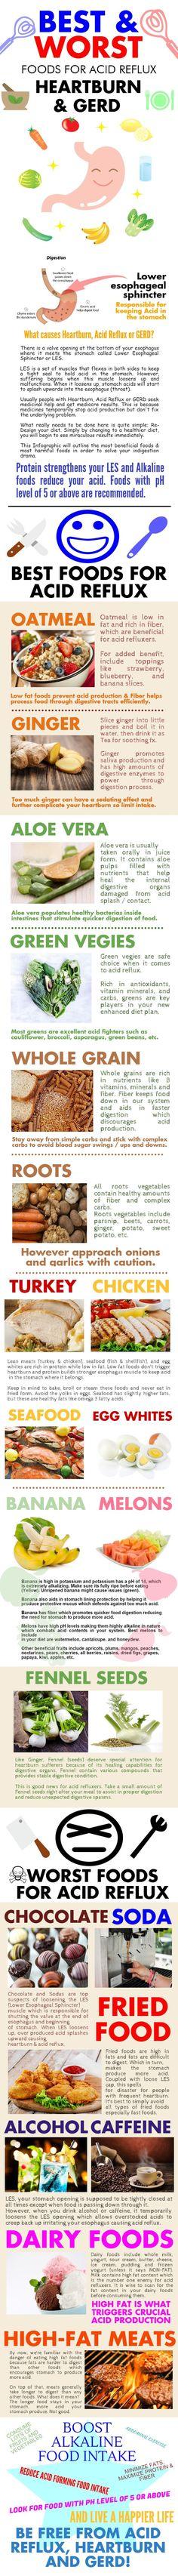 ACID REFLUX BEST & WORST FOODS INFOGRAPHIC